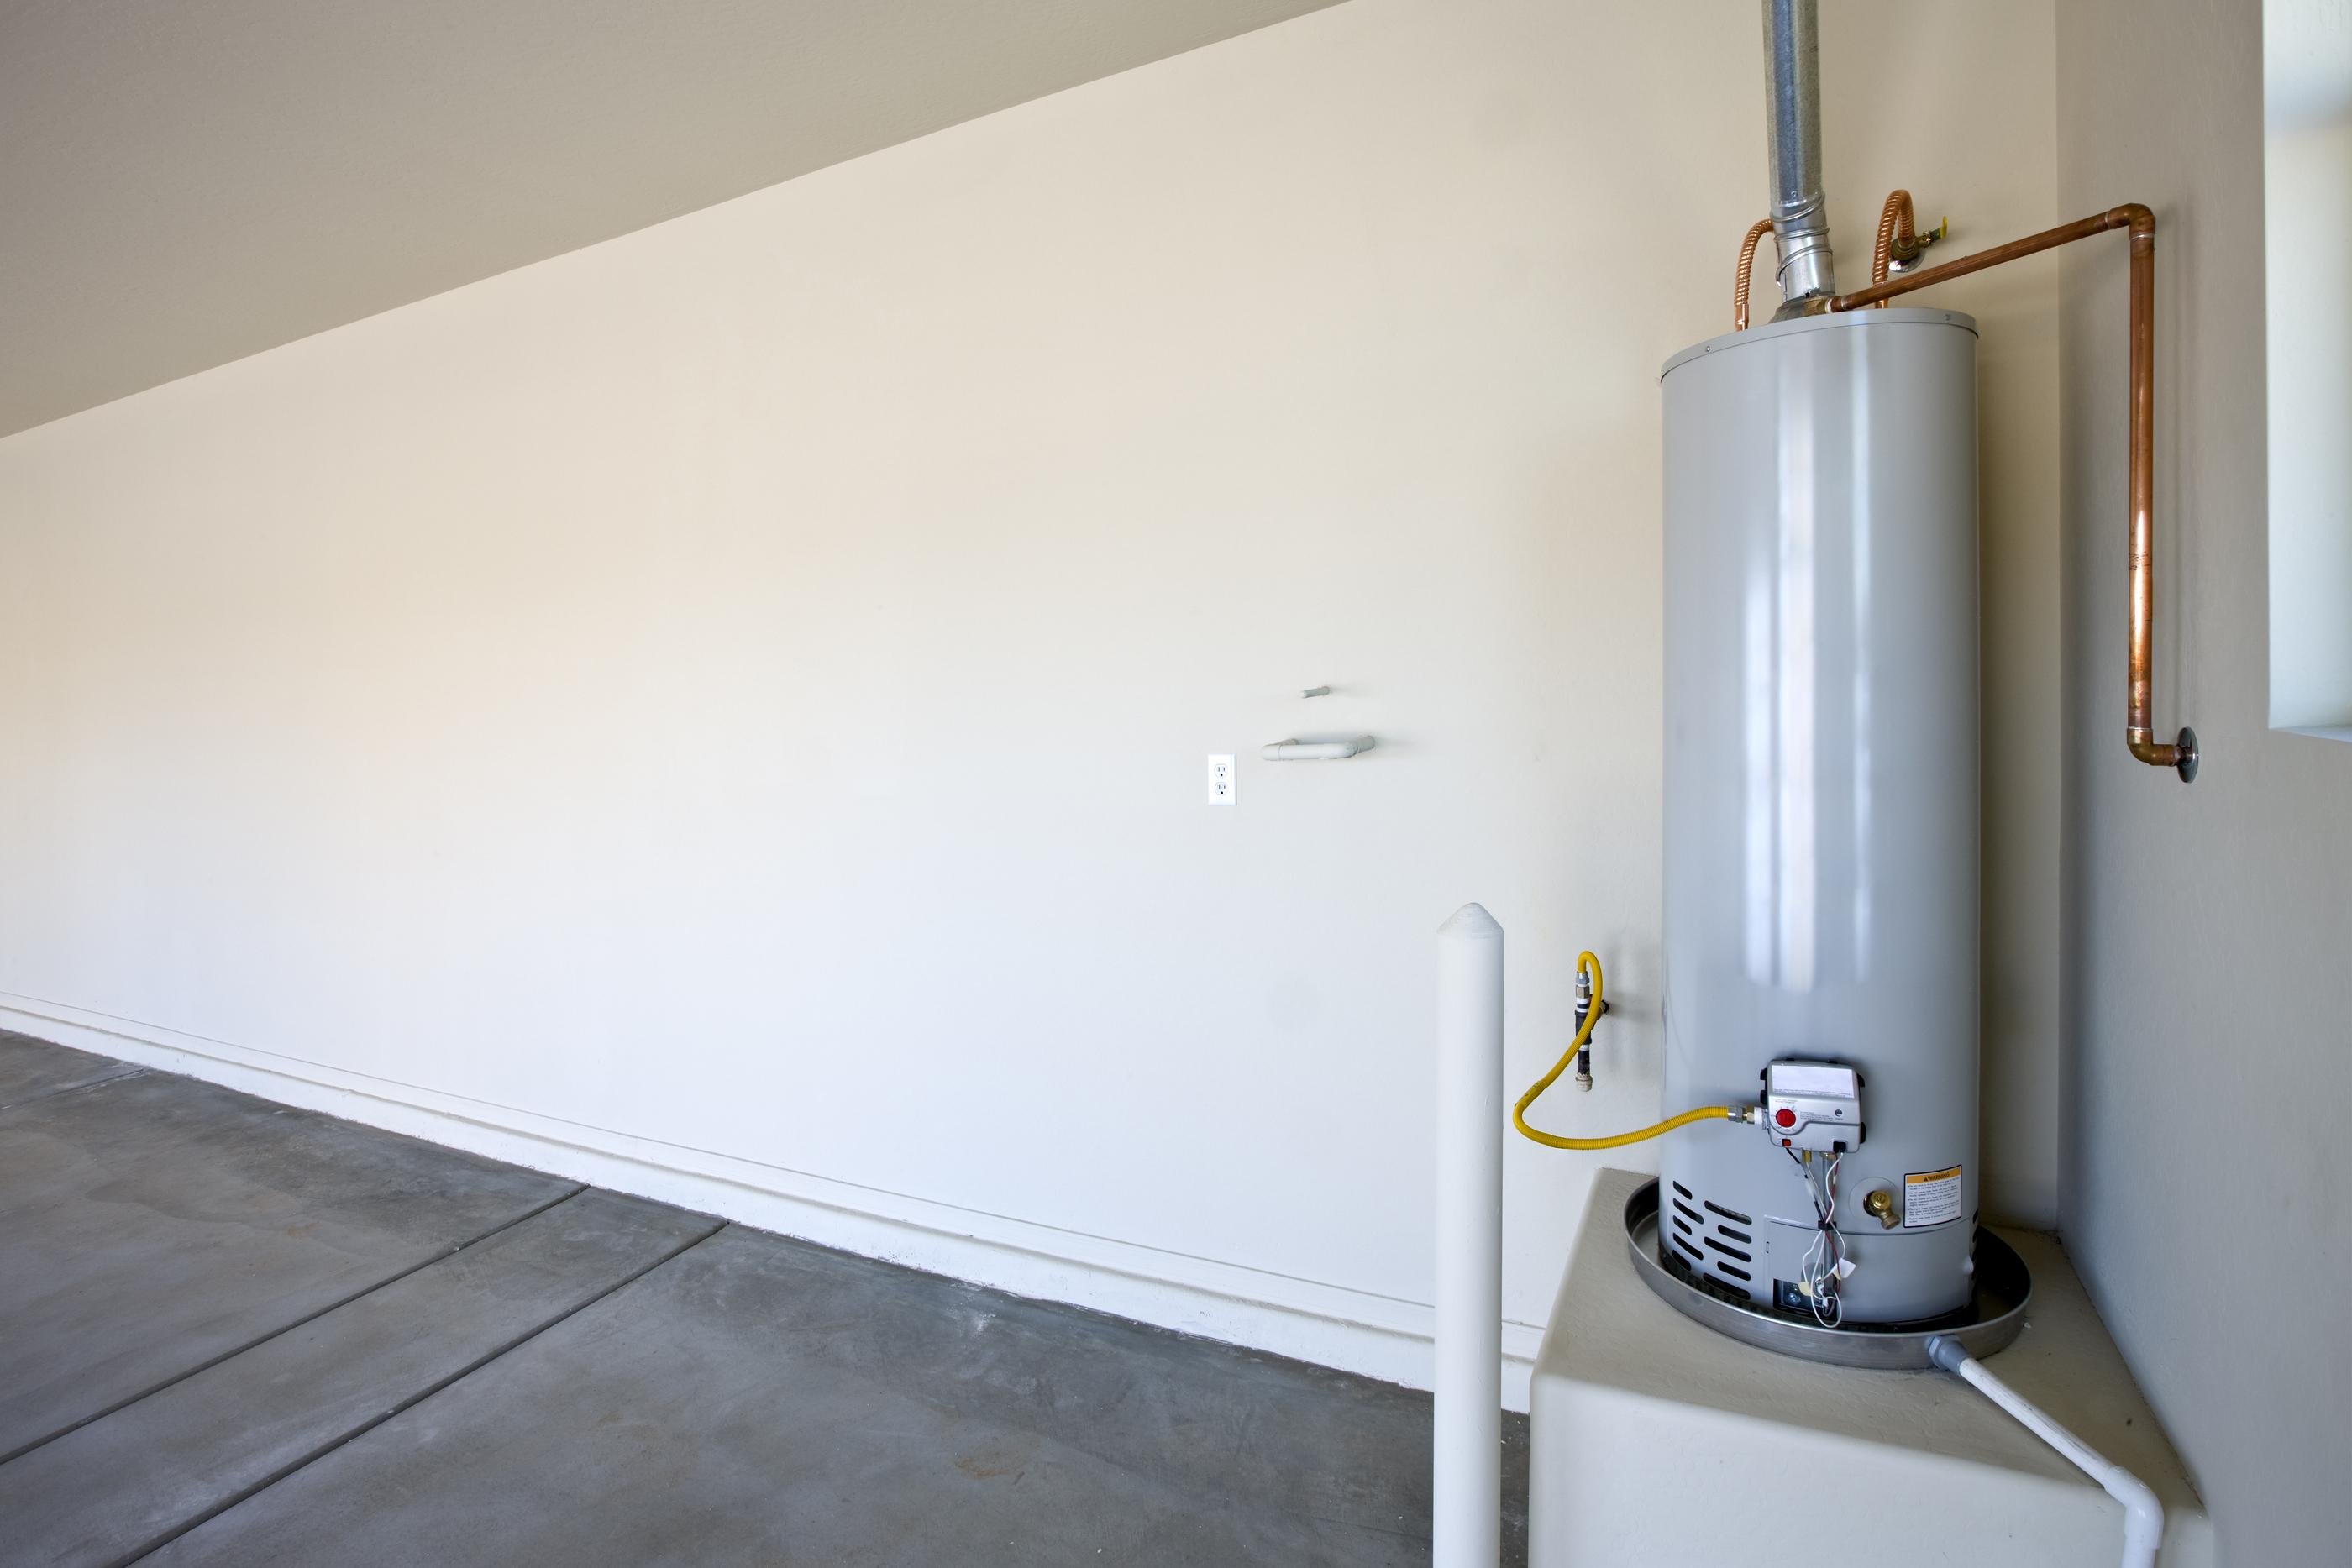 Hot Water Heater Radiant Plumbing